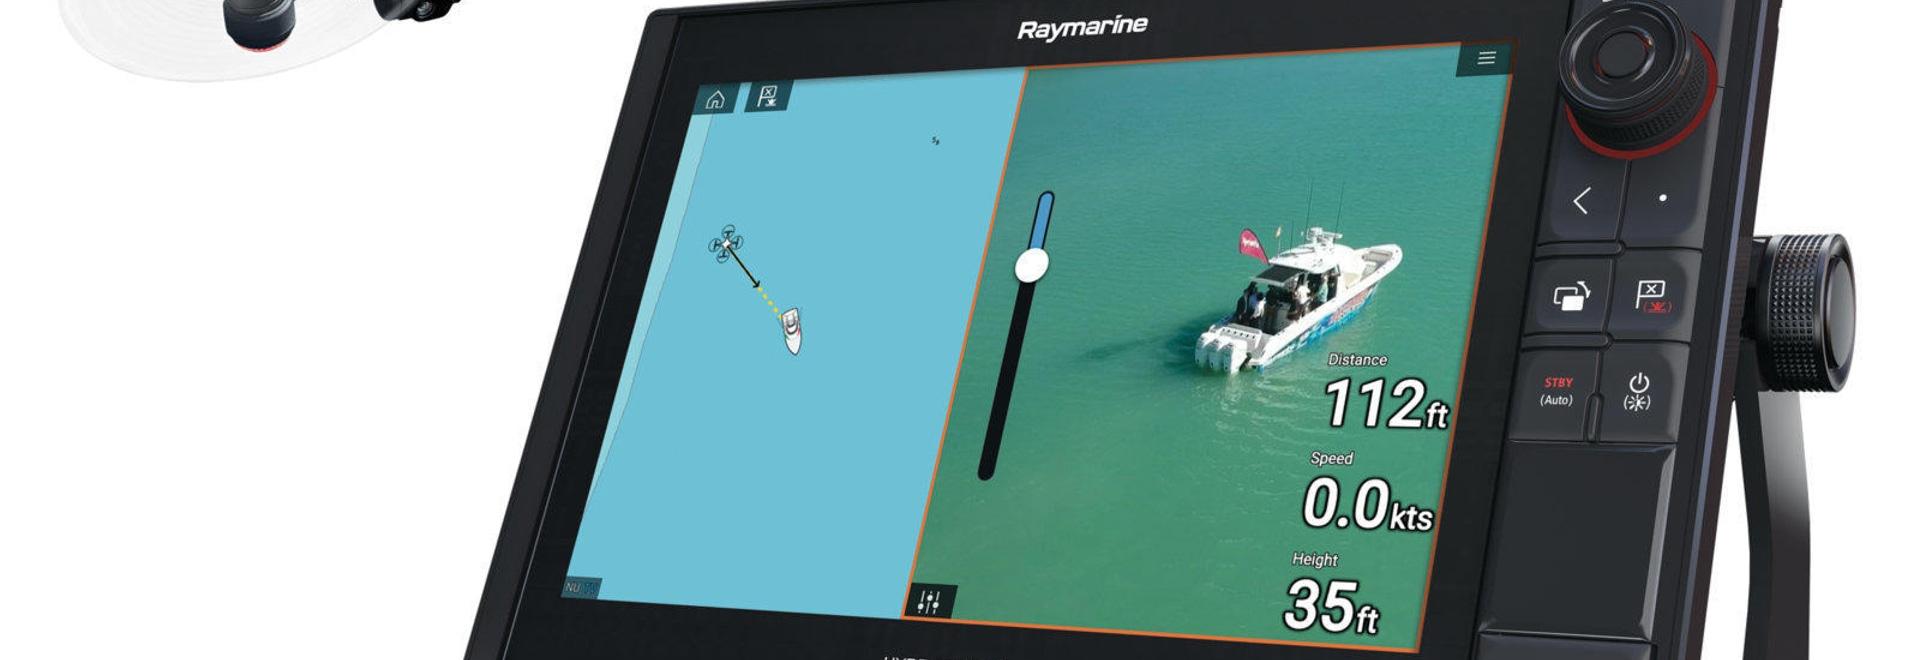 Apps de Raymarine microfaradio tres maneras: de control del abejón a los comms sentados a fluir del vídeo